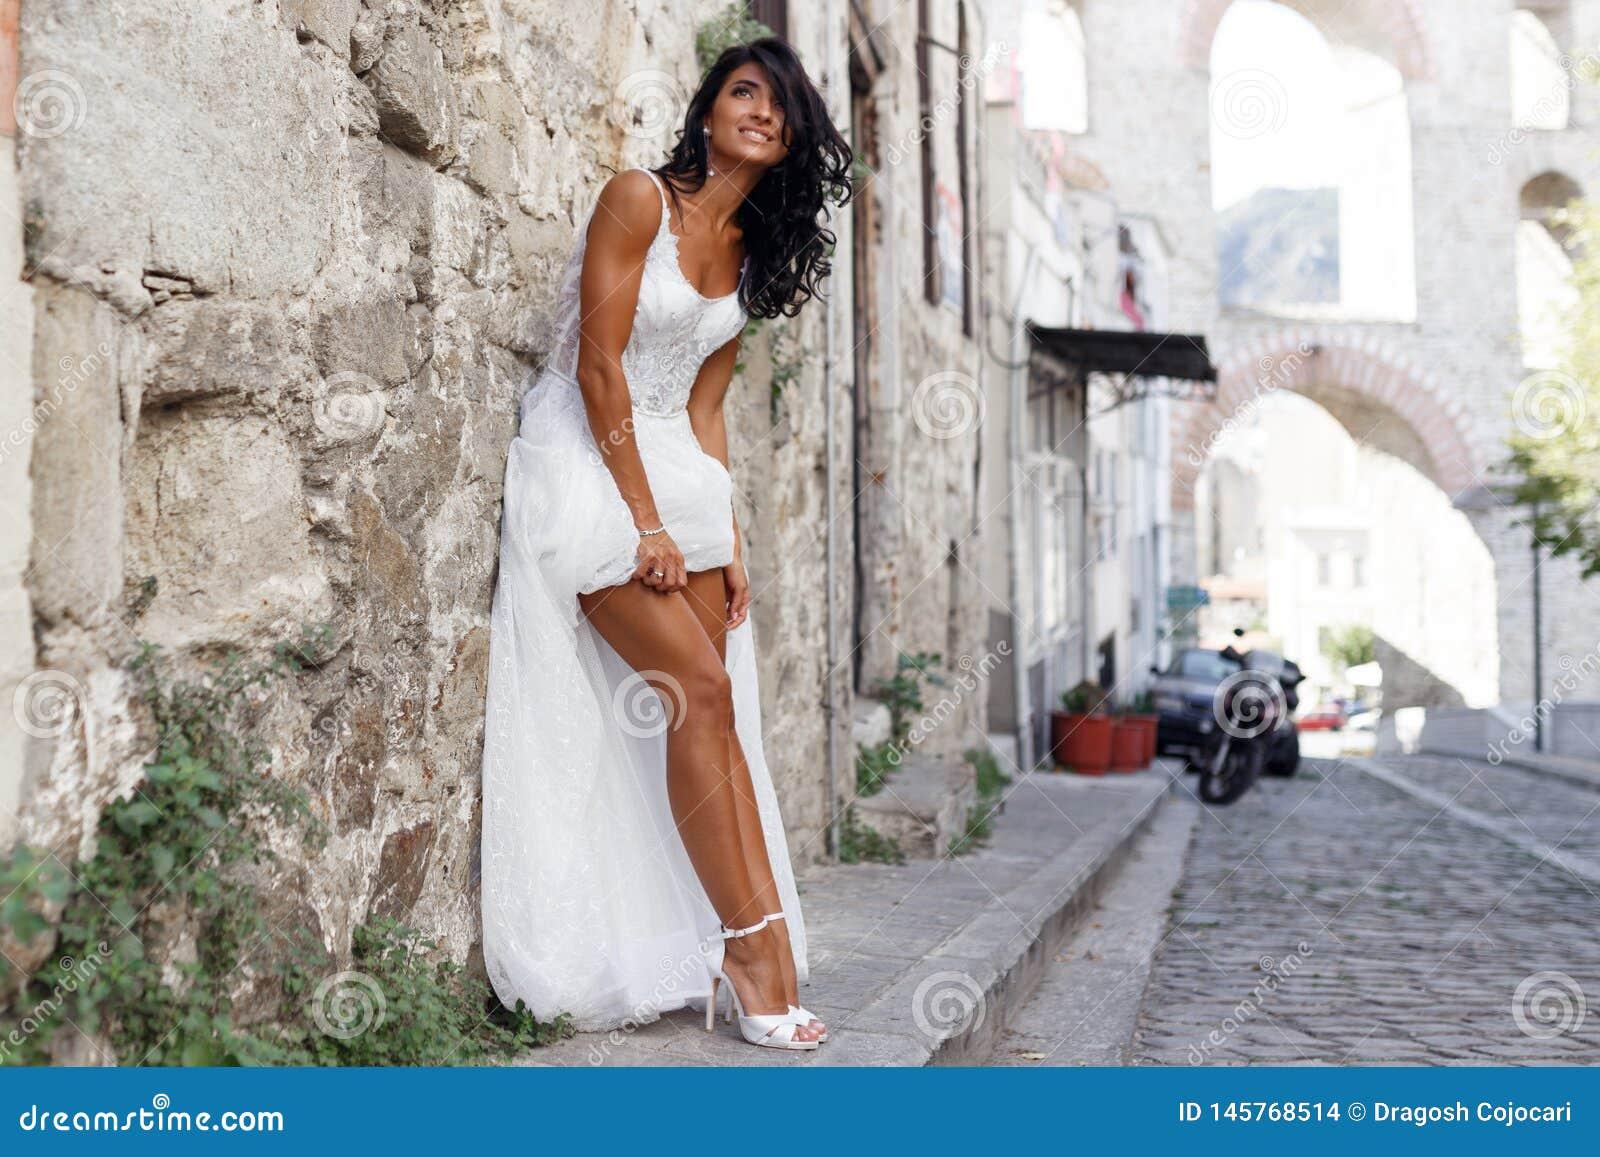 Bild einer herrlichen brunette Braut wirft sinnliches nahe alter Stadt in Griechenland, Sommerzeit auf Hochzeit in Griechenland